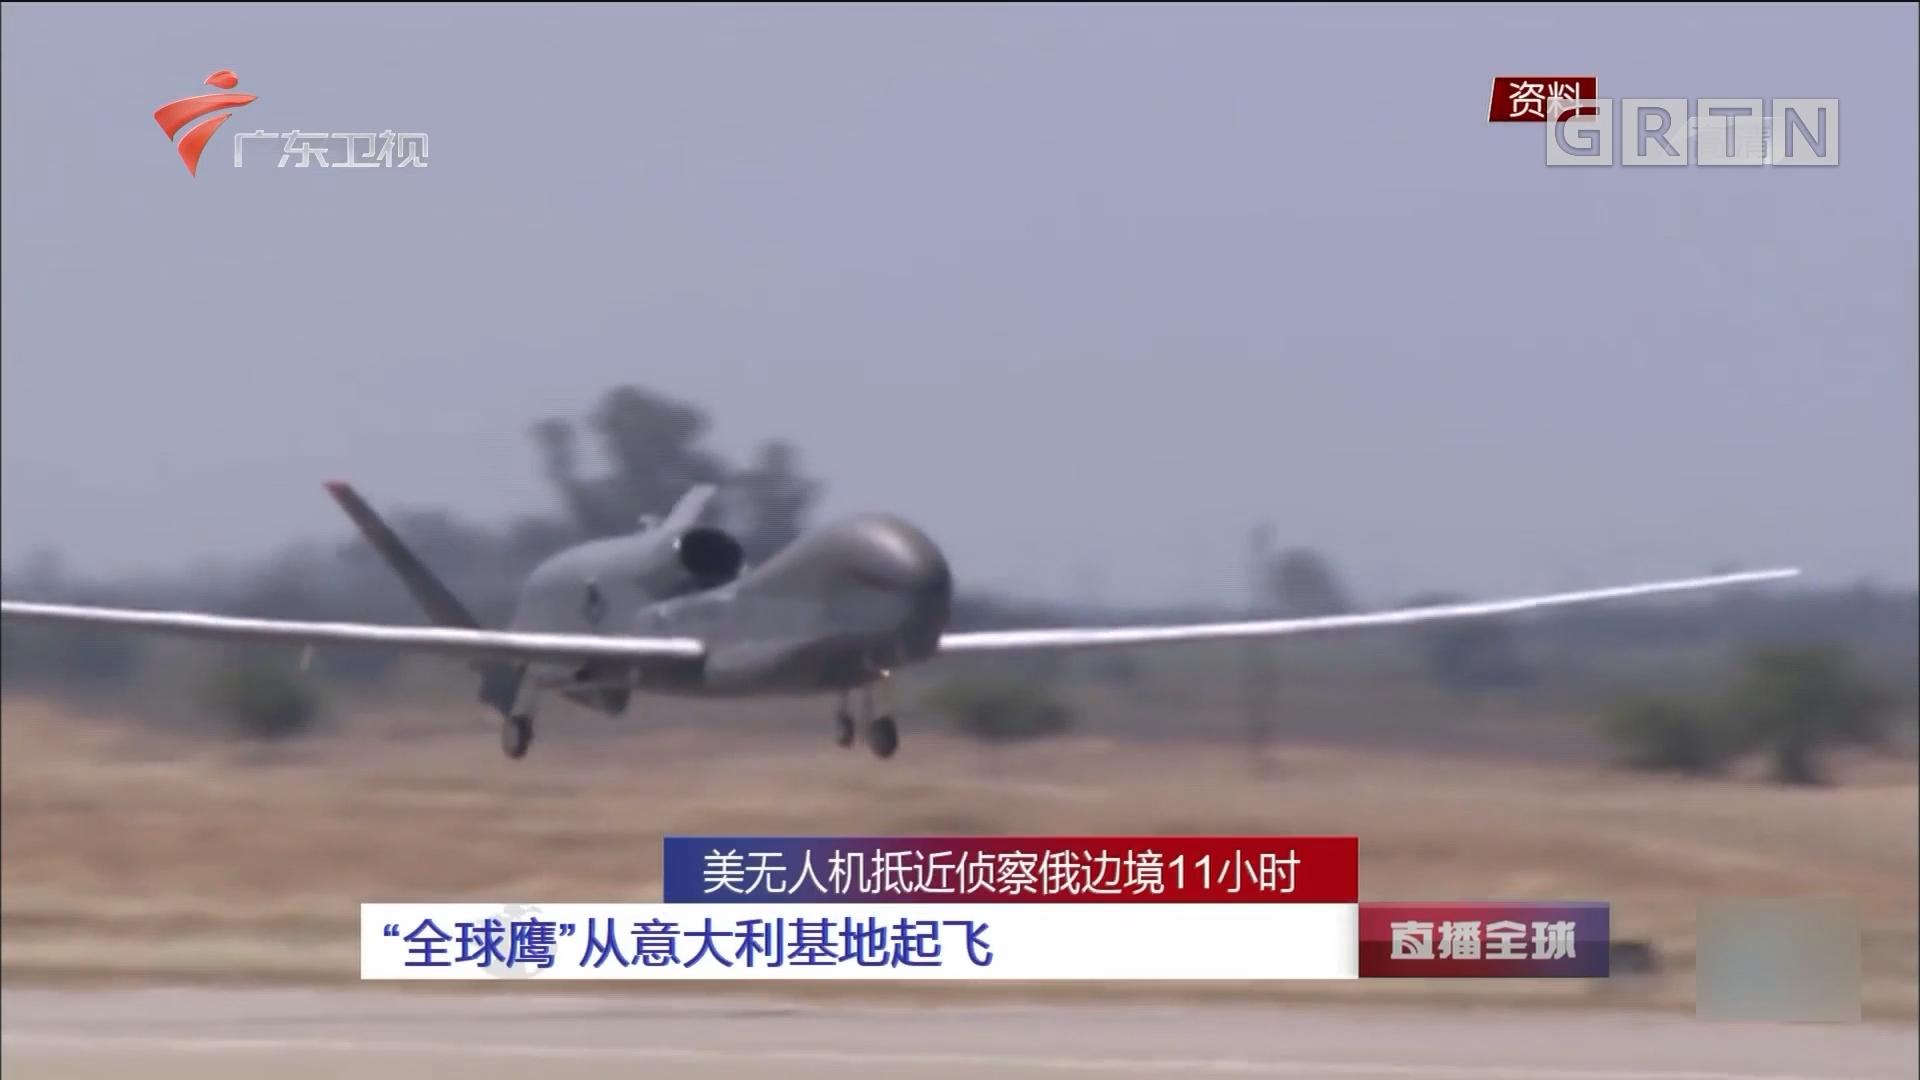 """美无人机抵近侦察俄边境11小时 """"全球鹰""""从意大利基地起飞"""